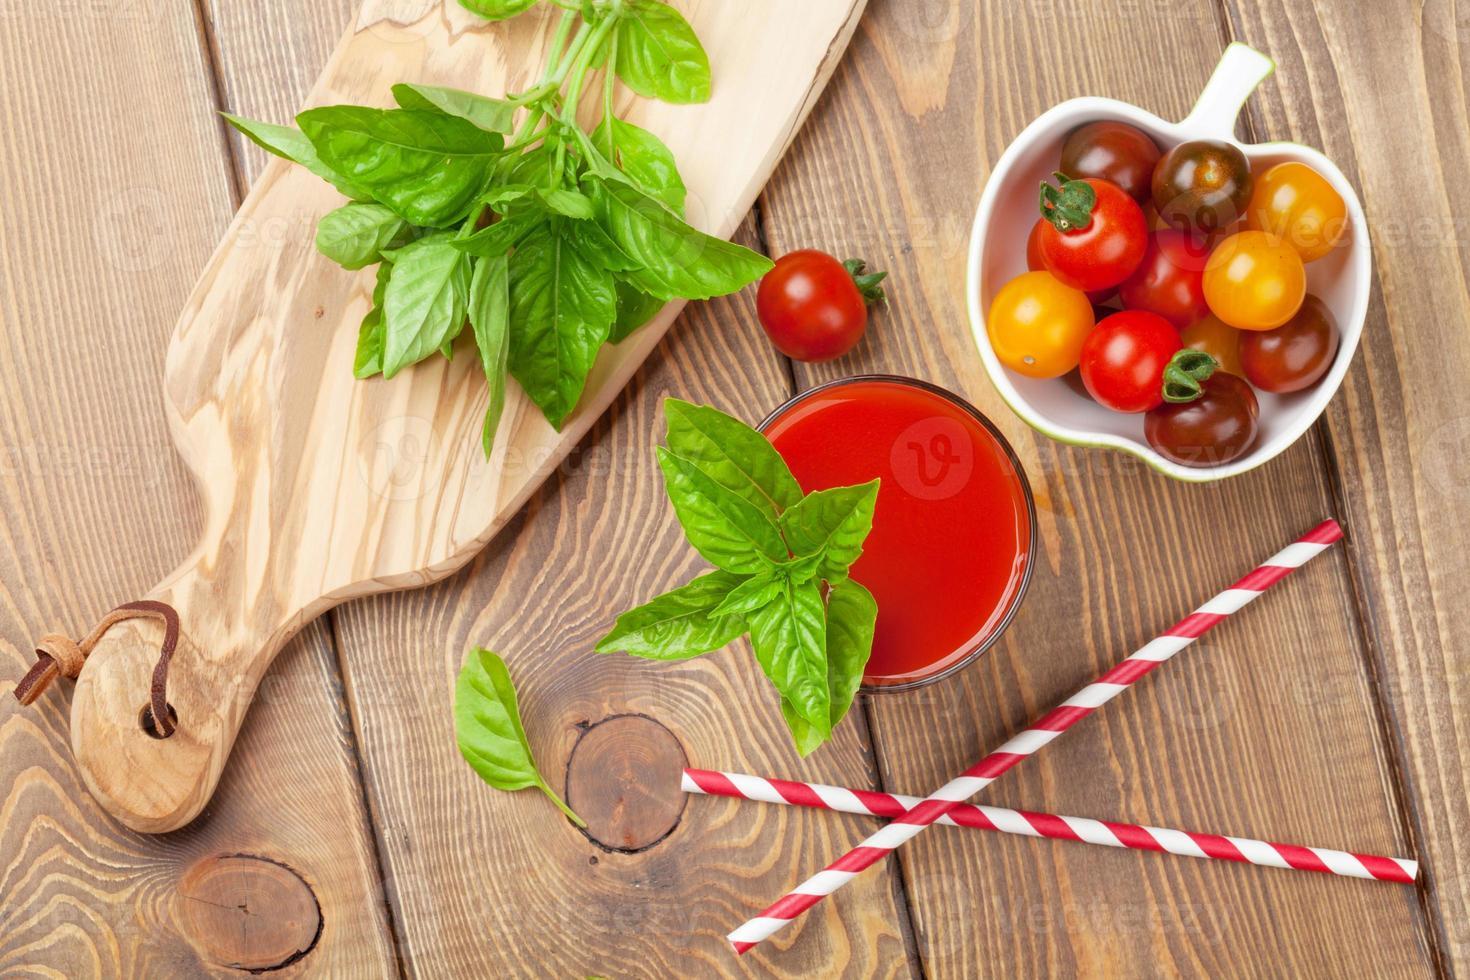 batido de jugo de tomate fresco con albahaca foto